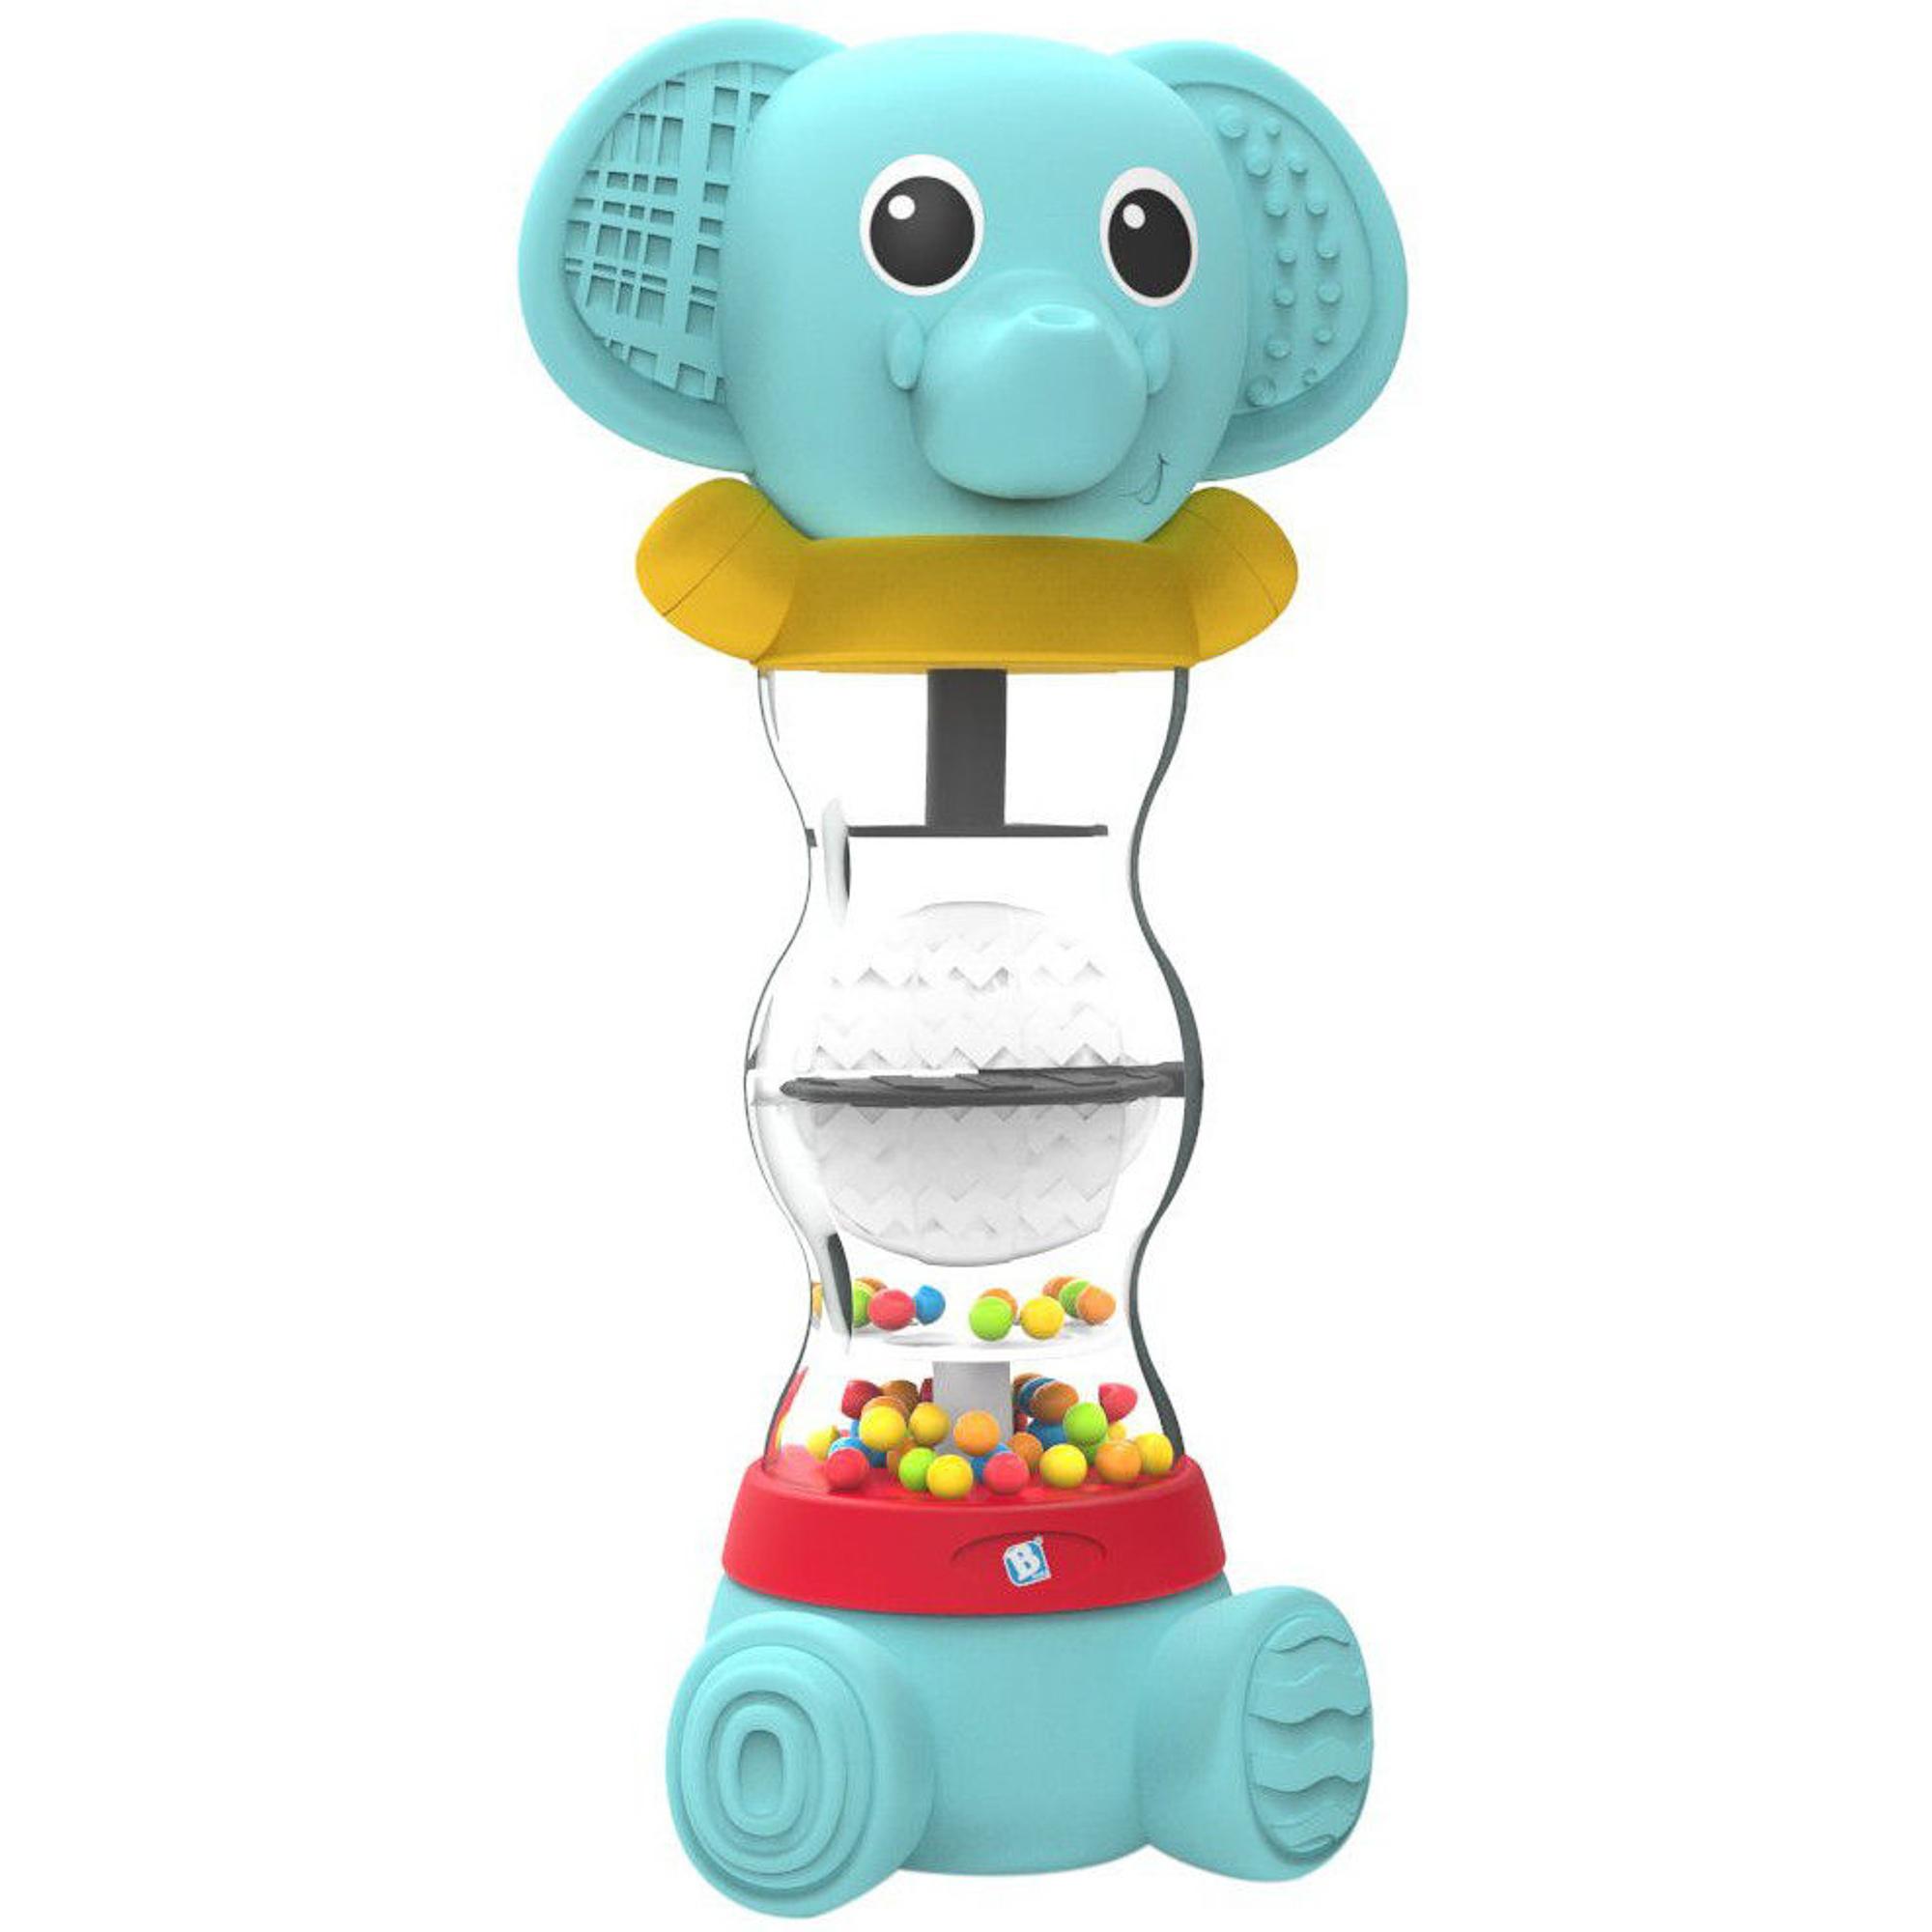 Купить Игрушка Bkids слоник sensory, Китай, пластик, Настольные игры